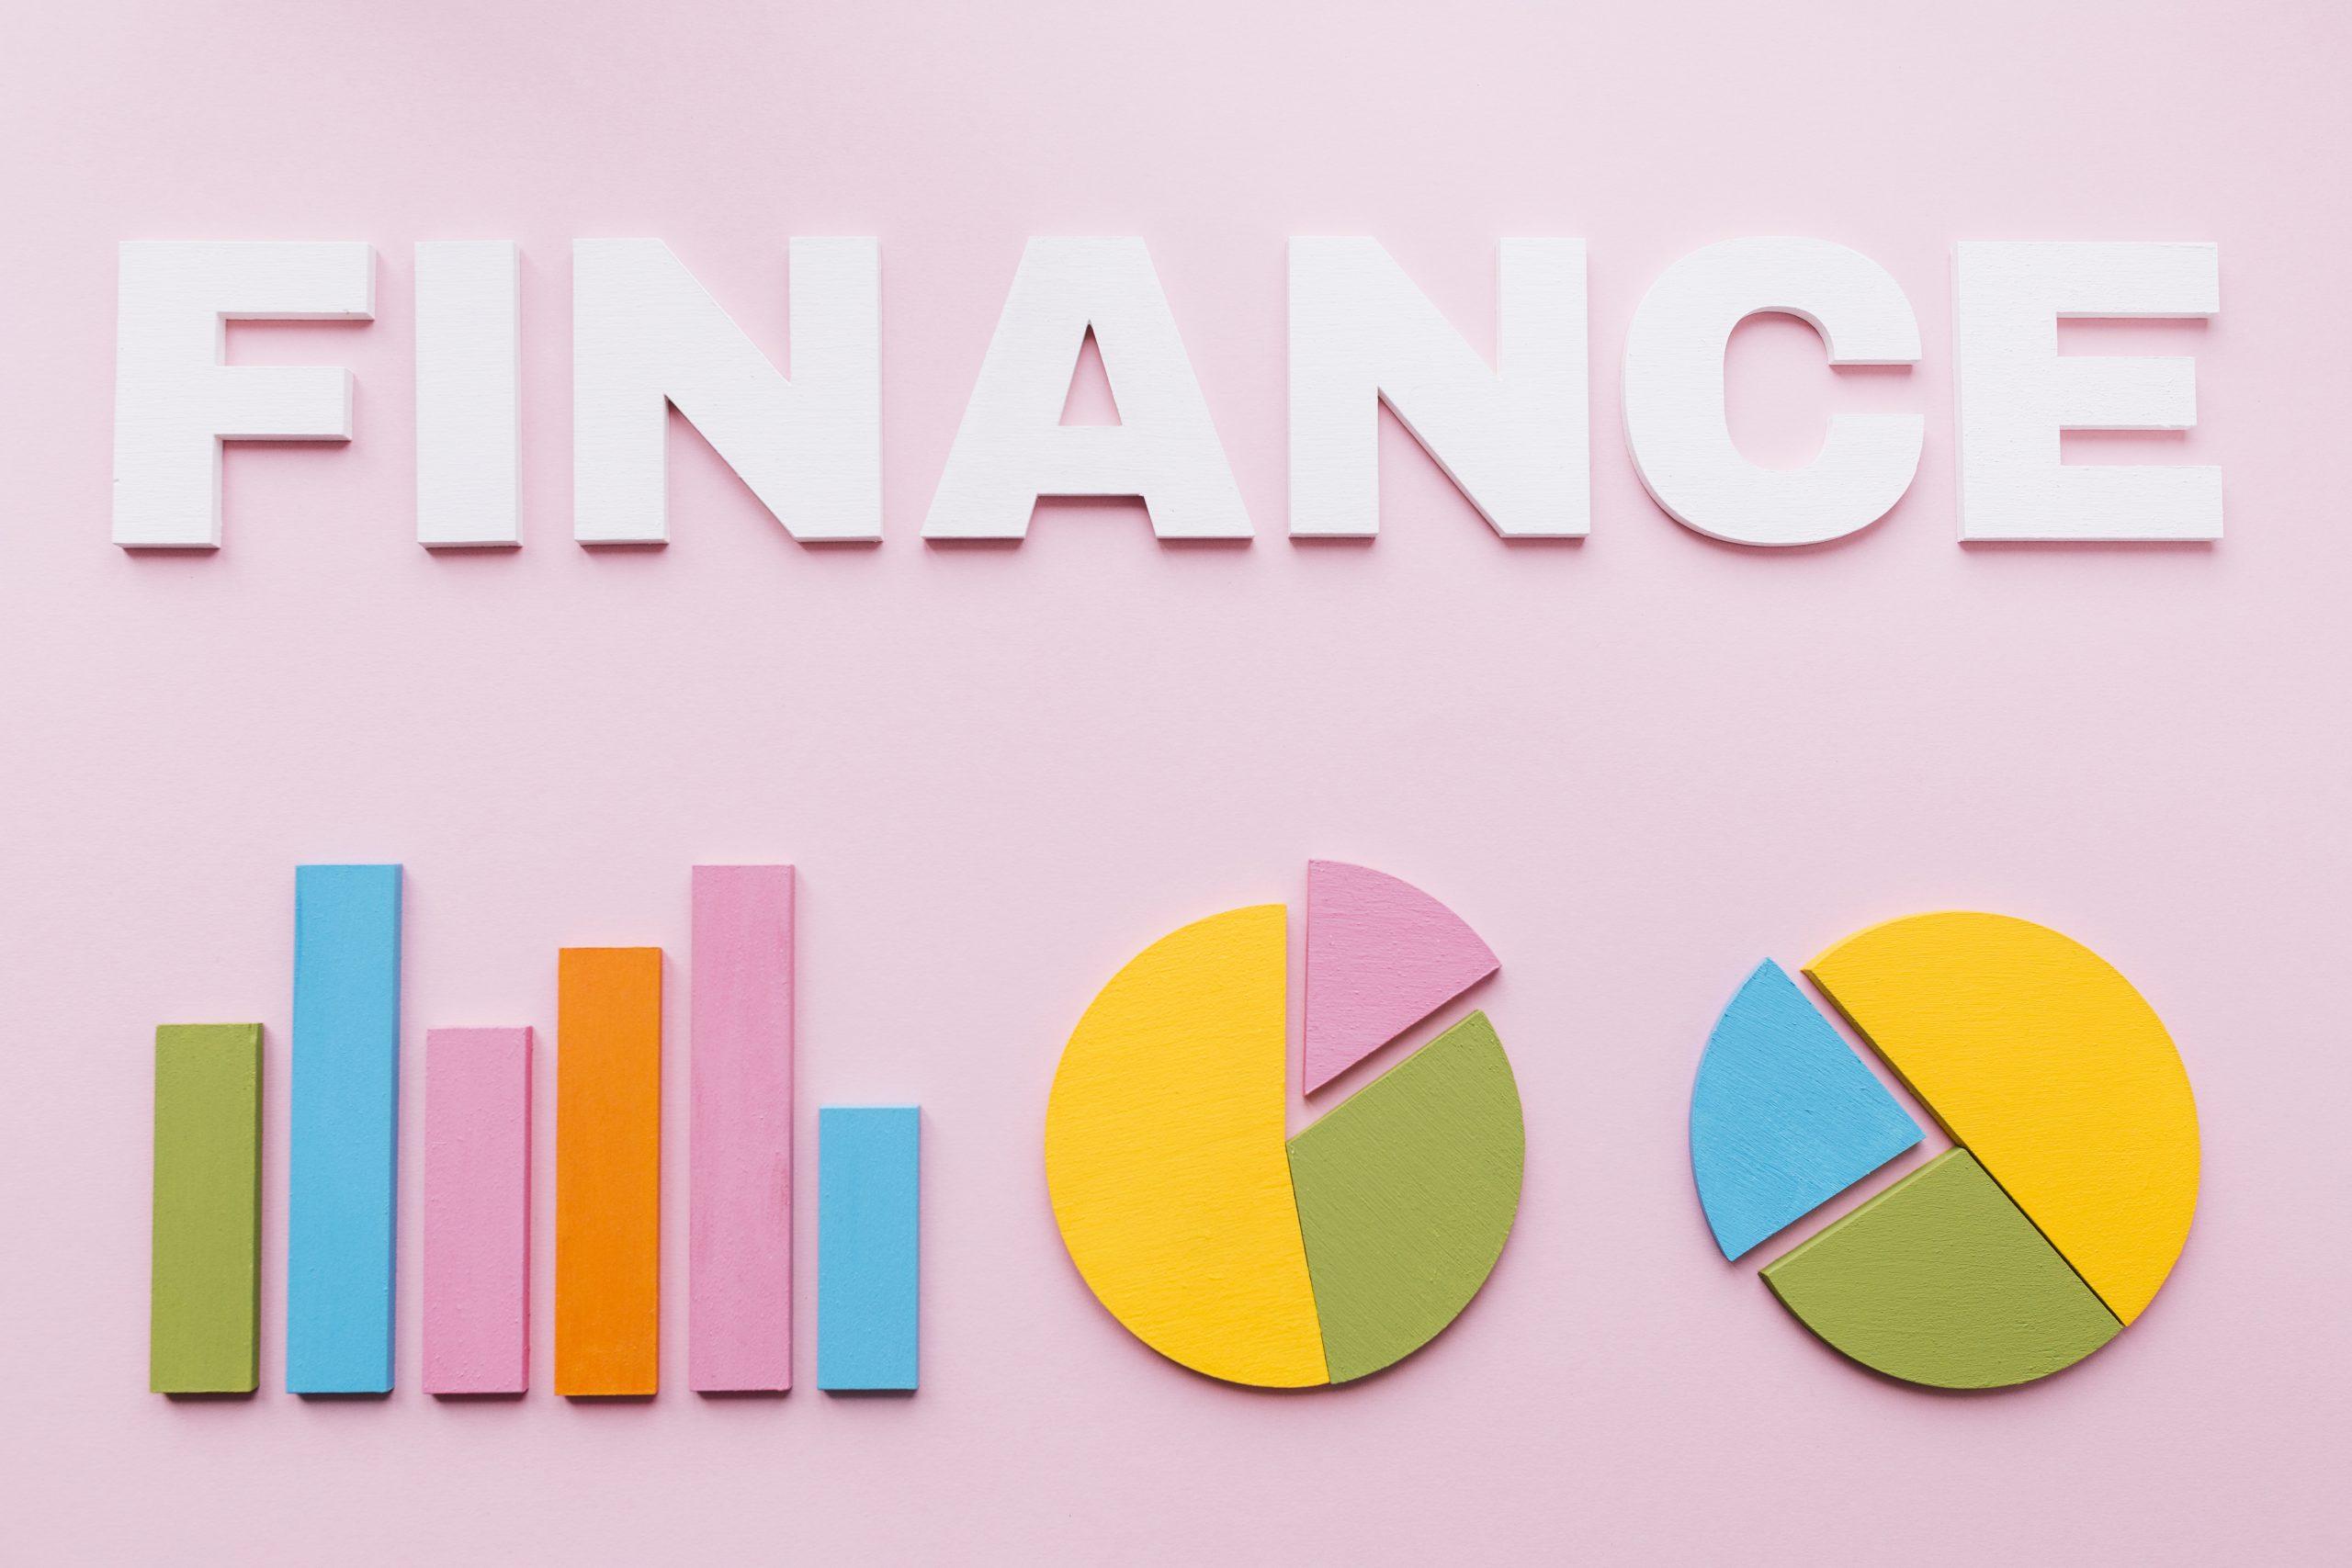 Bài 19: Vốn hóa Thị trường là gì?